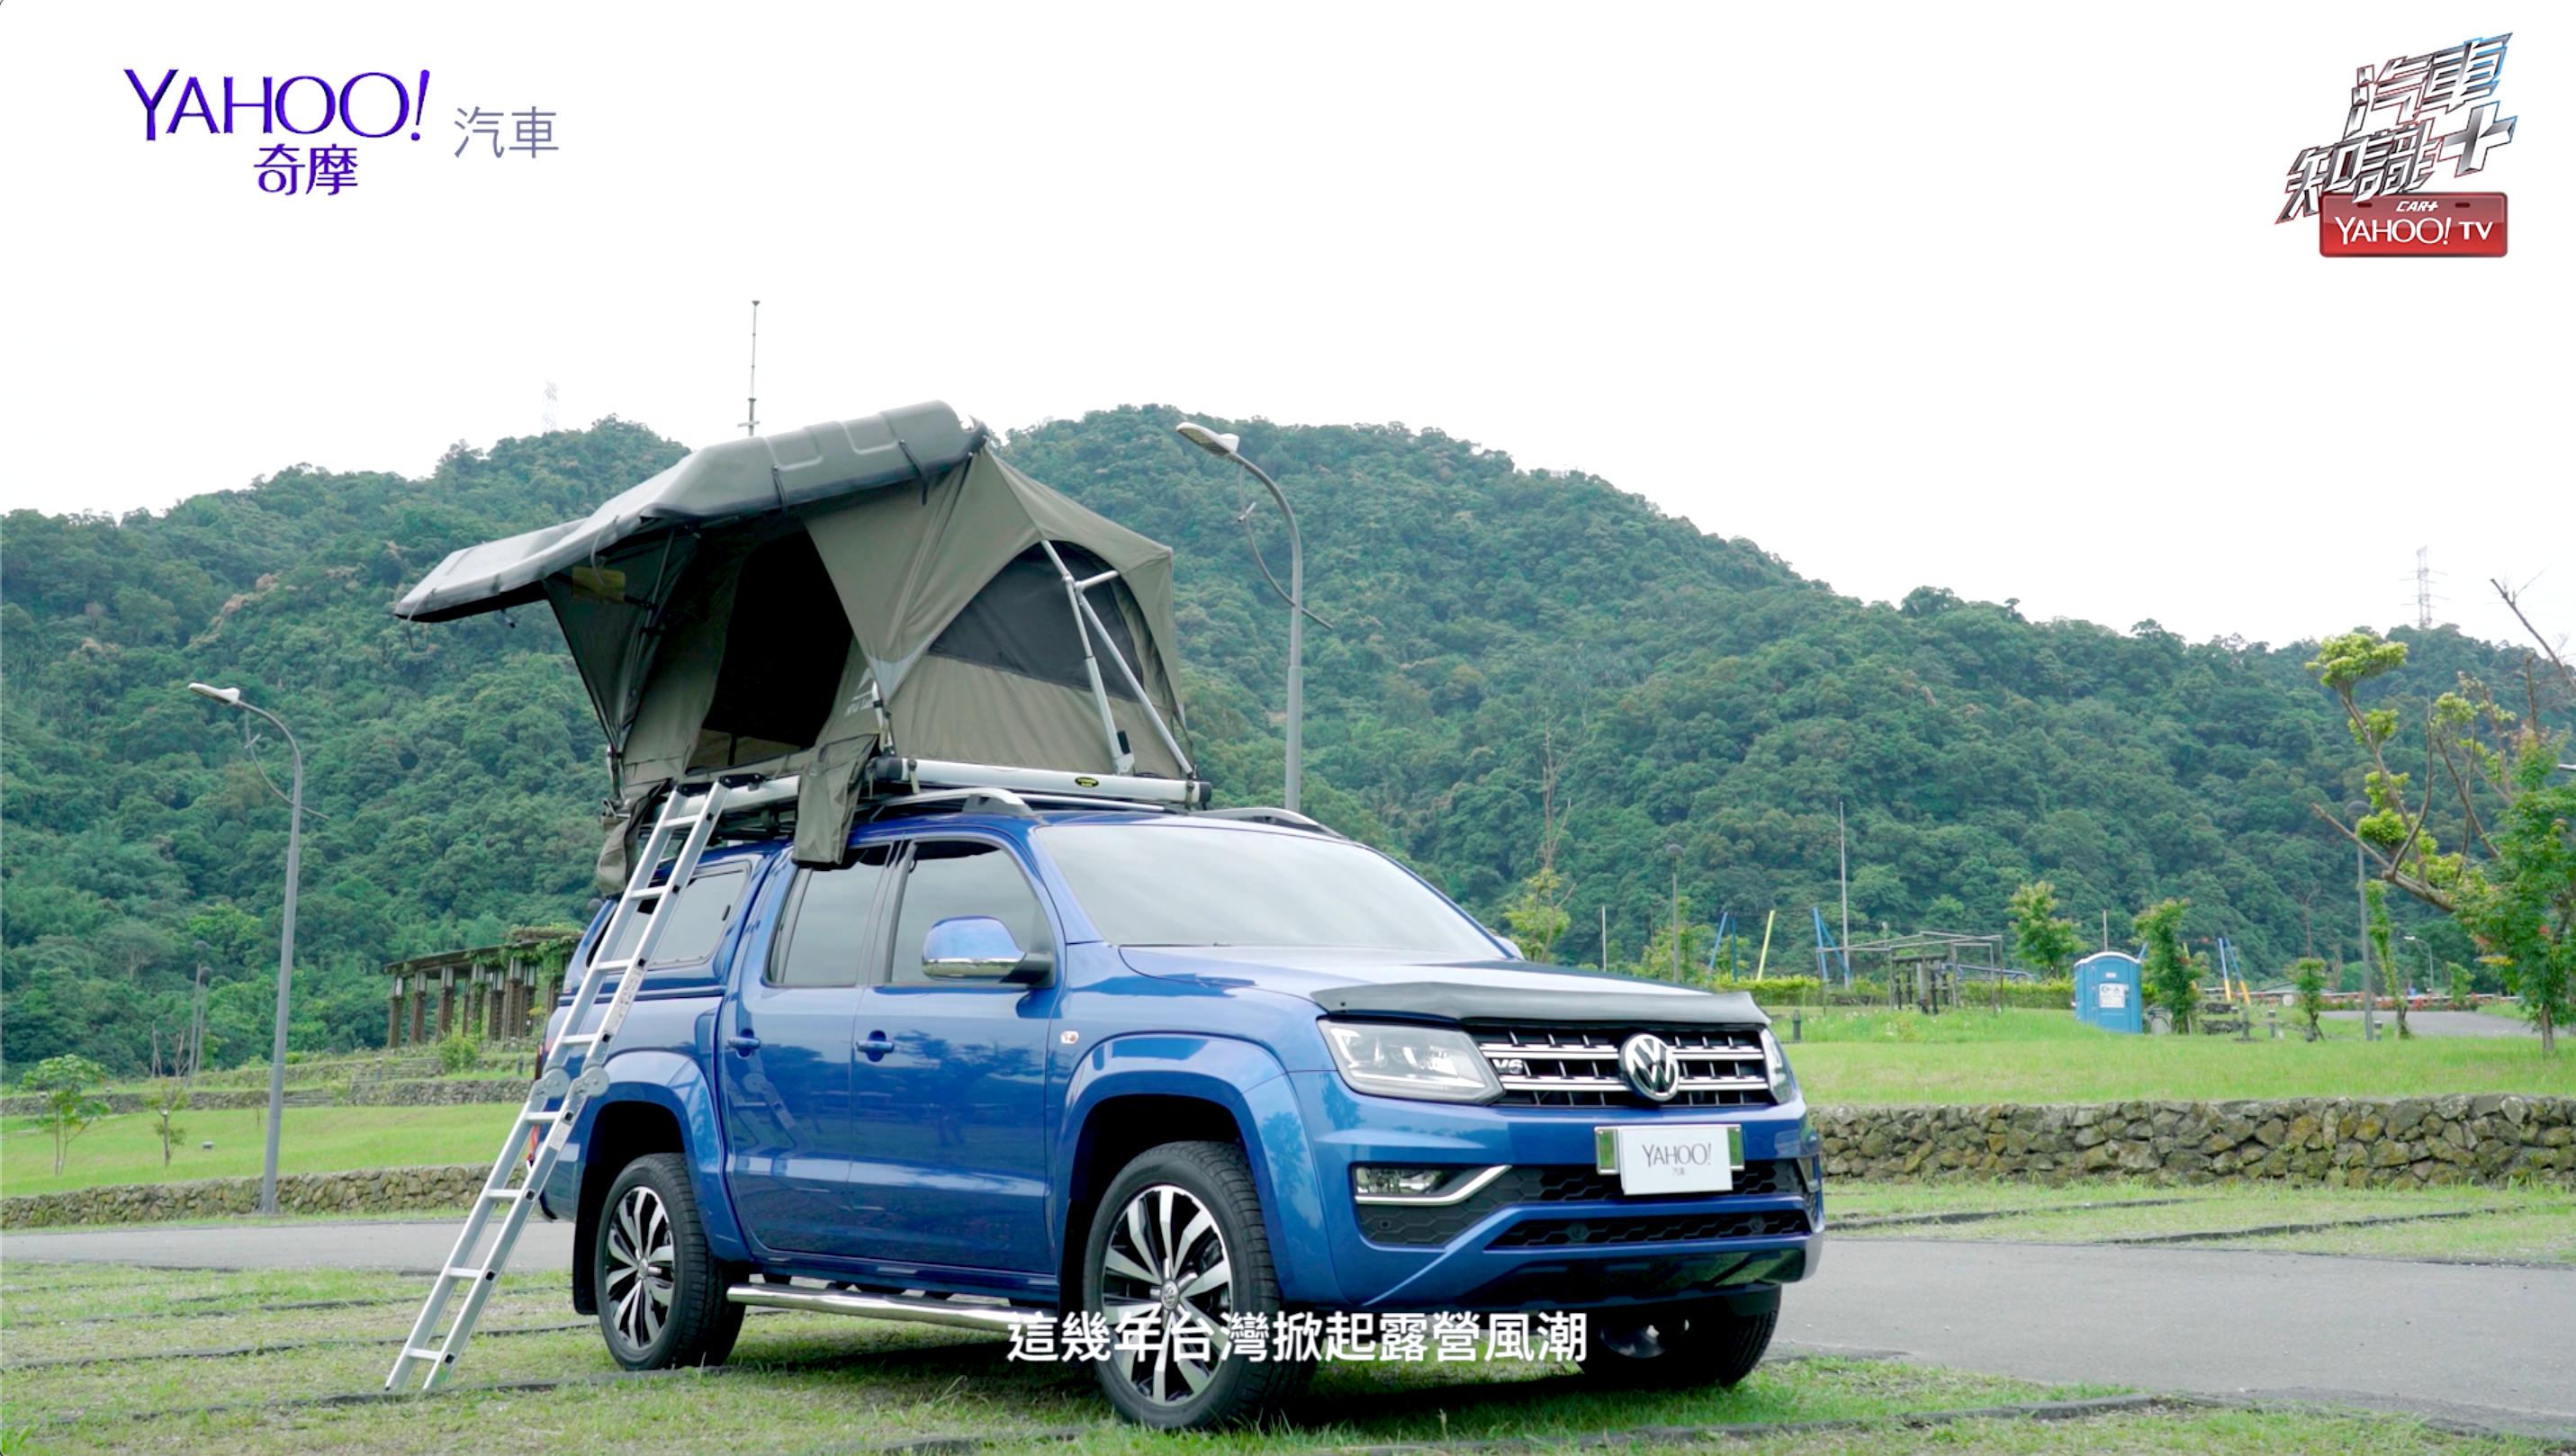 【汽車知識+】Vol.29 開車露營才有趣 (上):睡在車頂也太酷了吧!車頂帳篷如何使用?